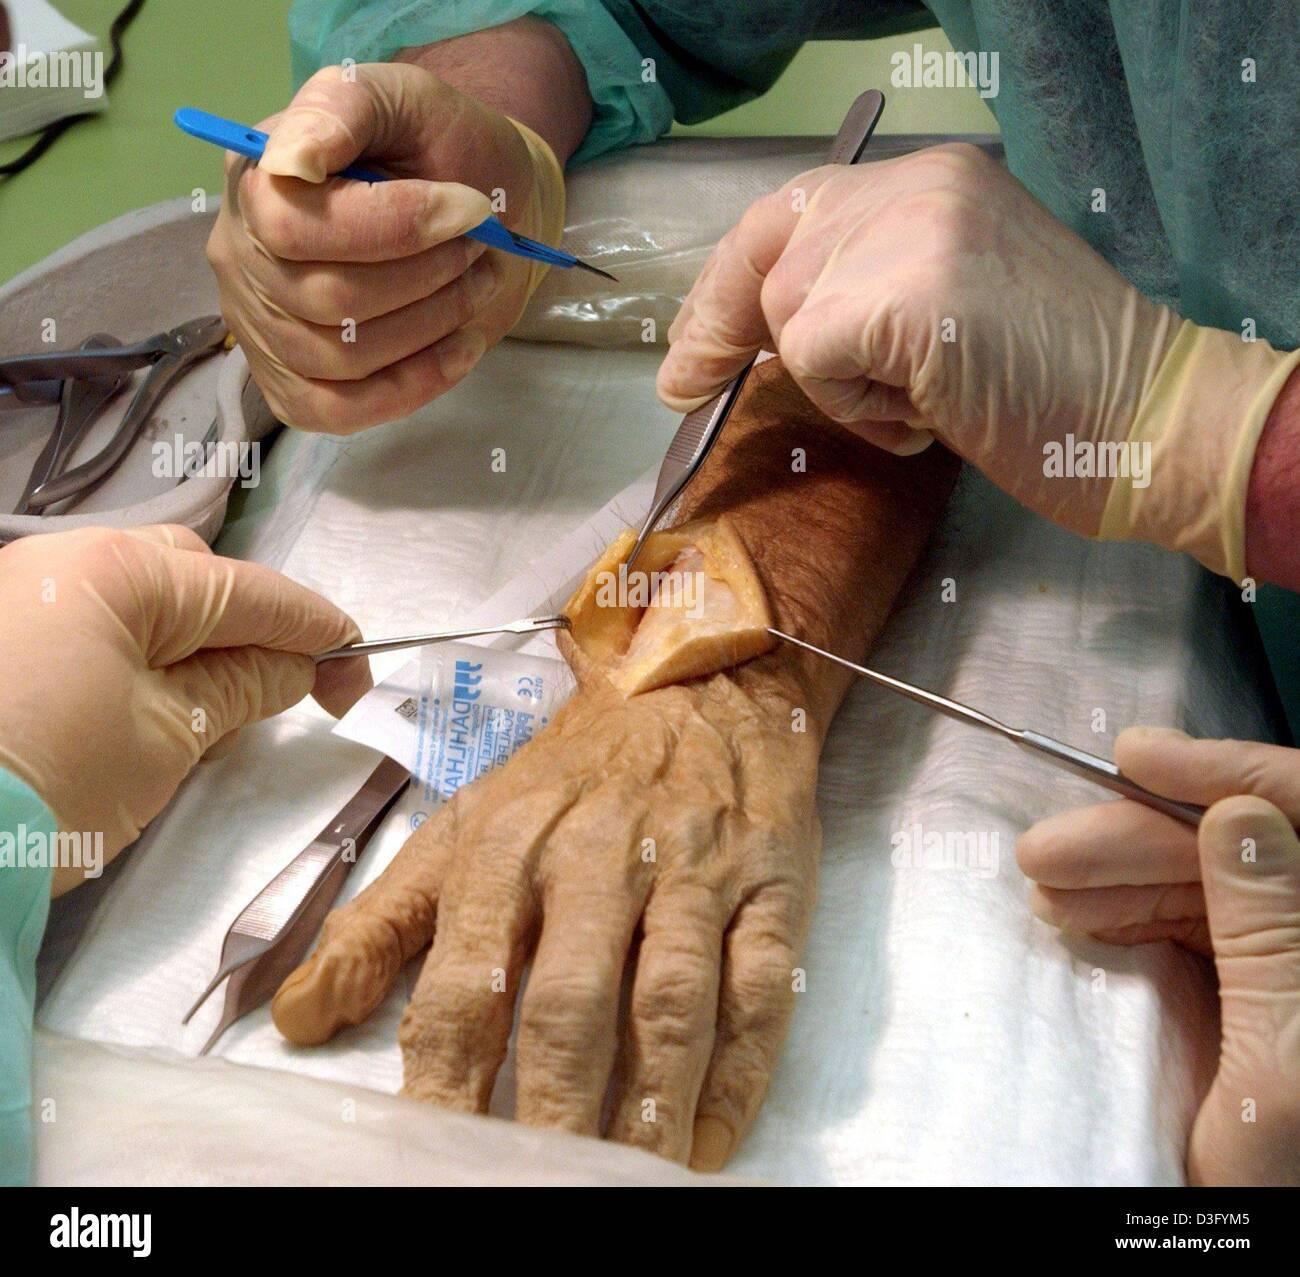 Dpa) - namhafte Hand Chirurgen üben die neuesten Techniken der ...